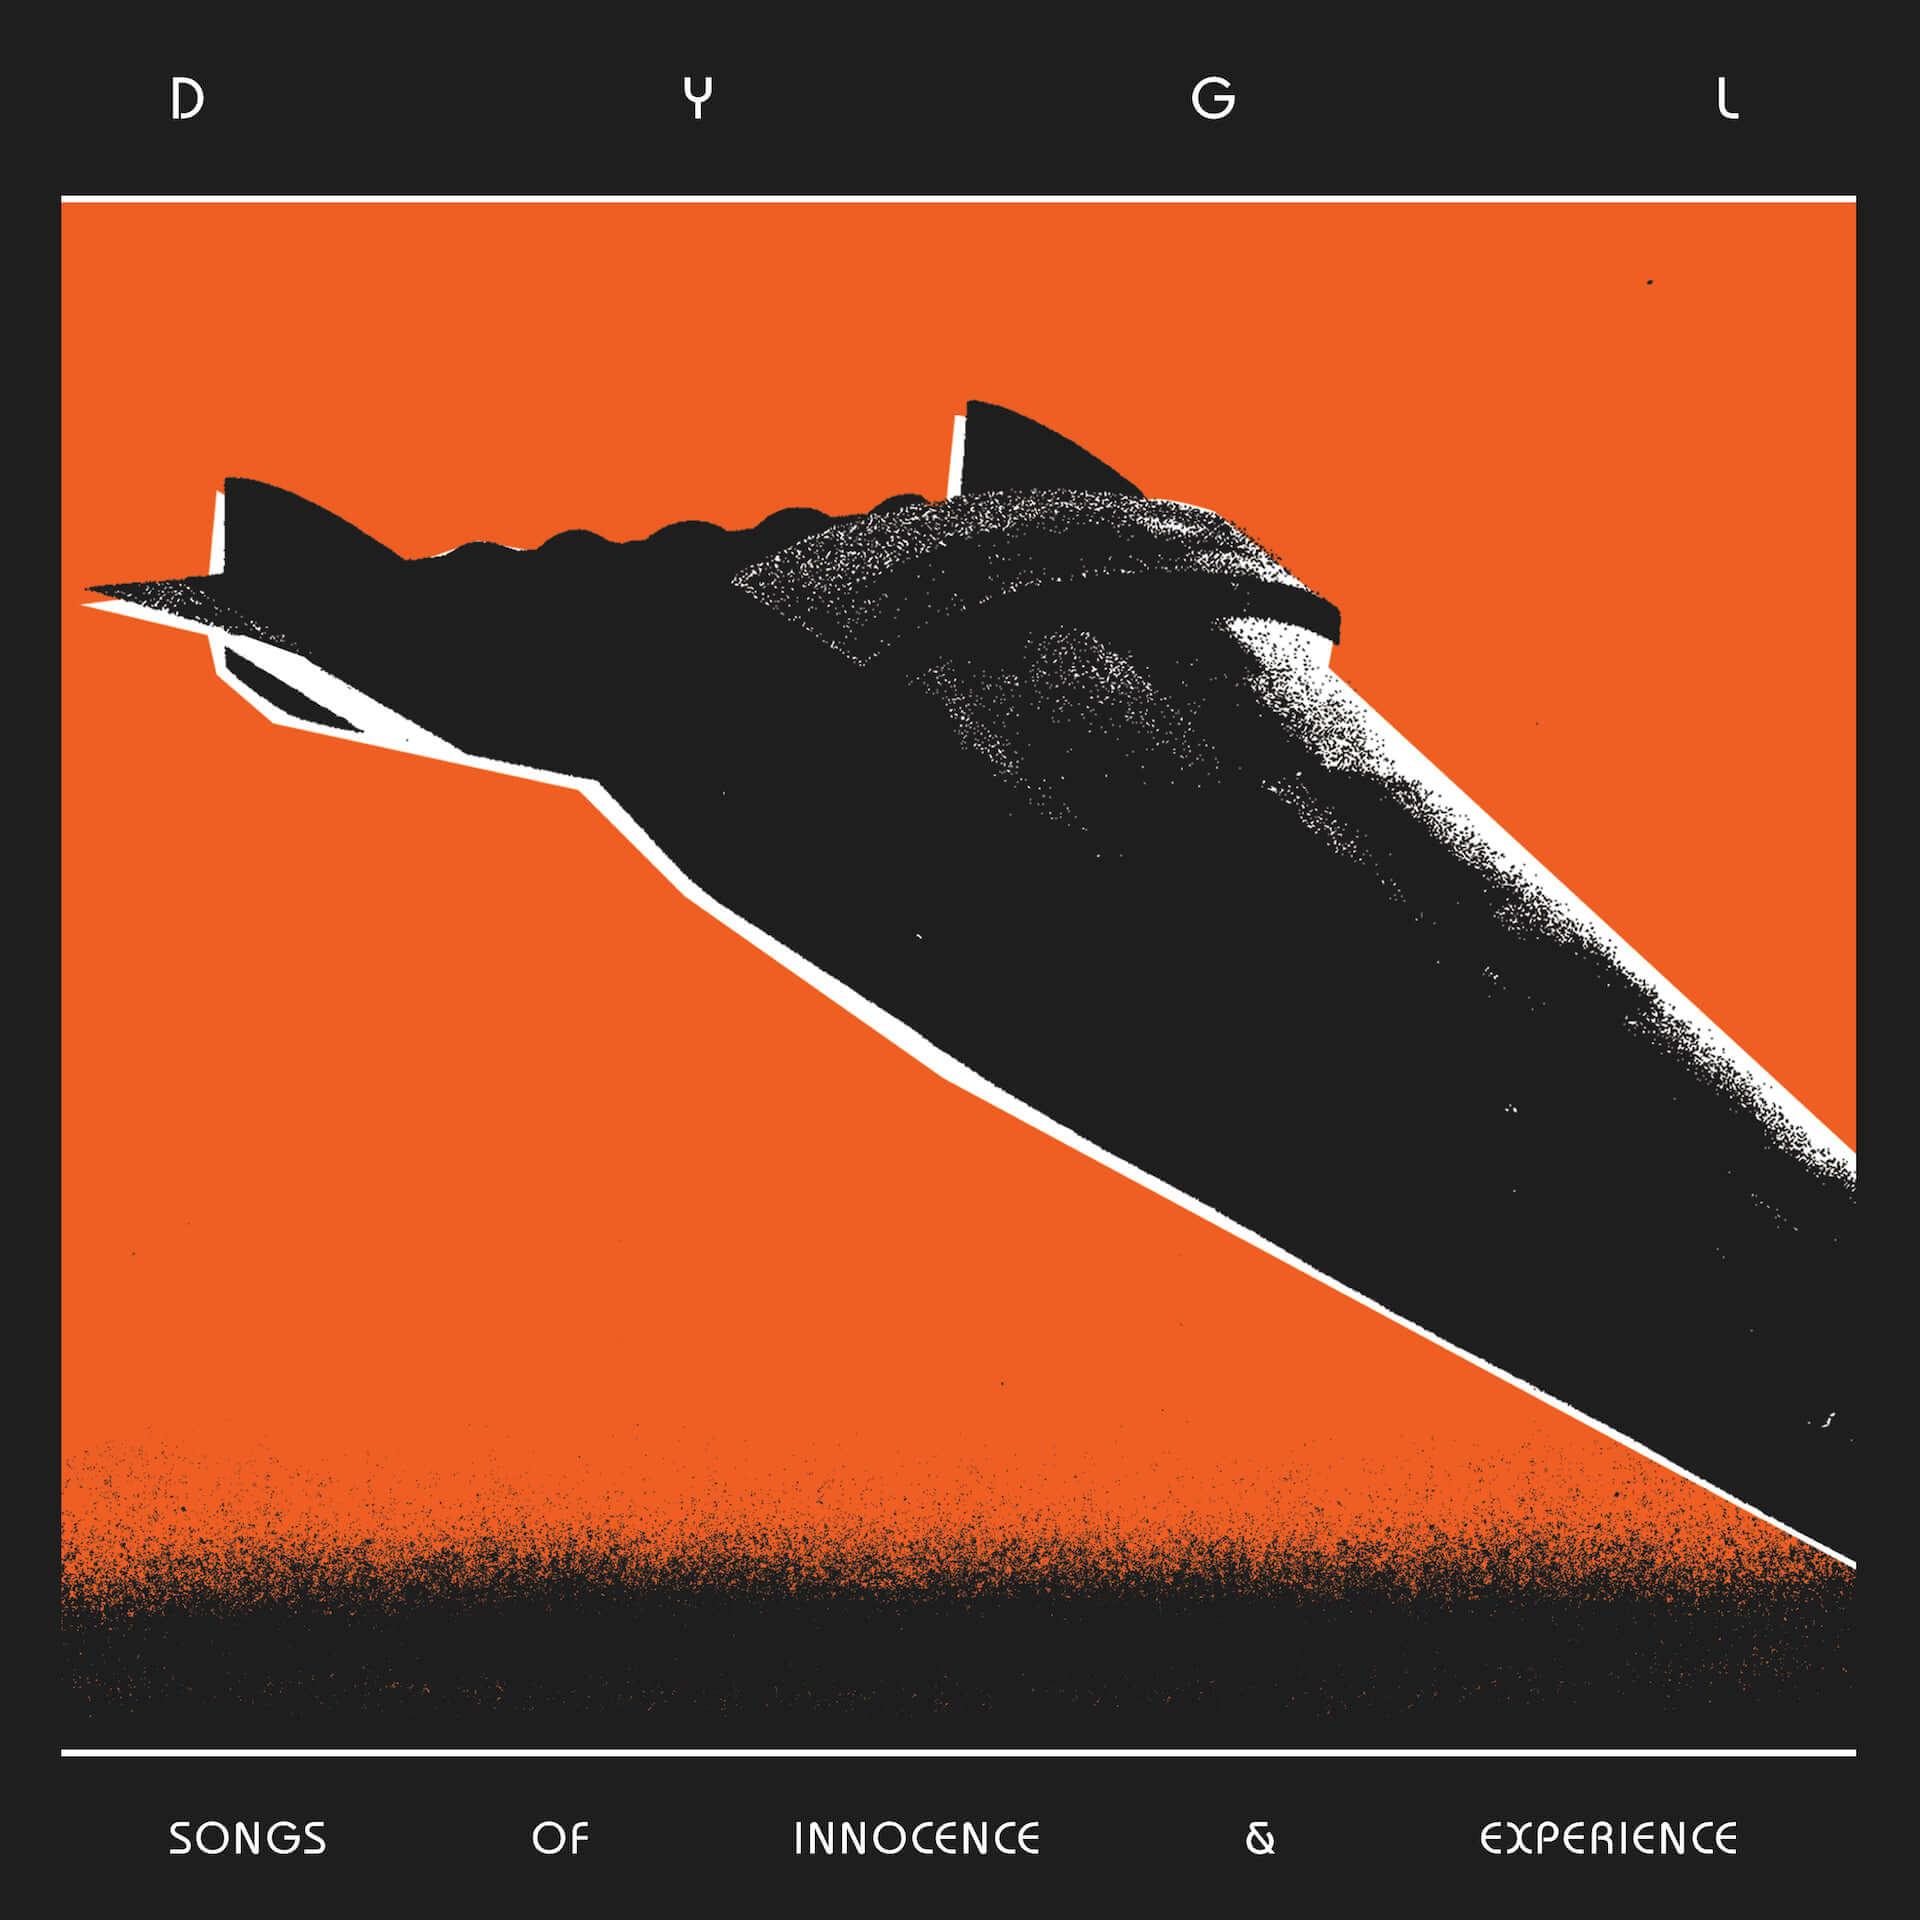 世界基準で真っ向勝負するDYGLの「無邪気さ」と「経験」をセカンド・アルバムで追体験する music190704-dygl-30-1920x1920